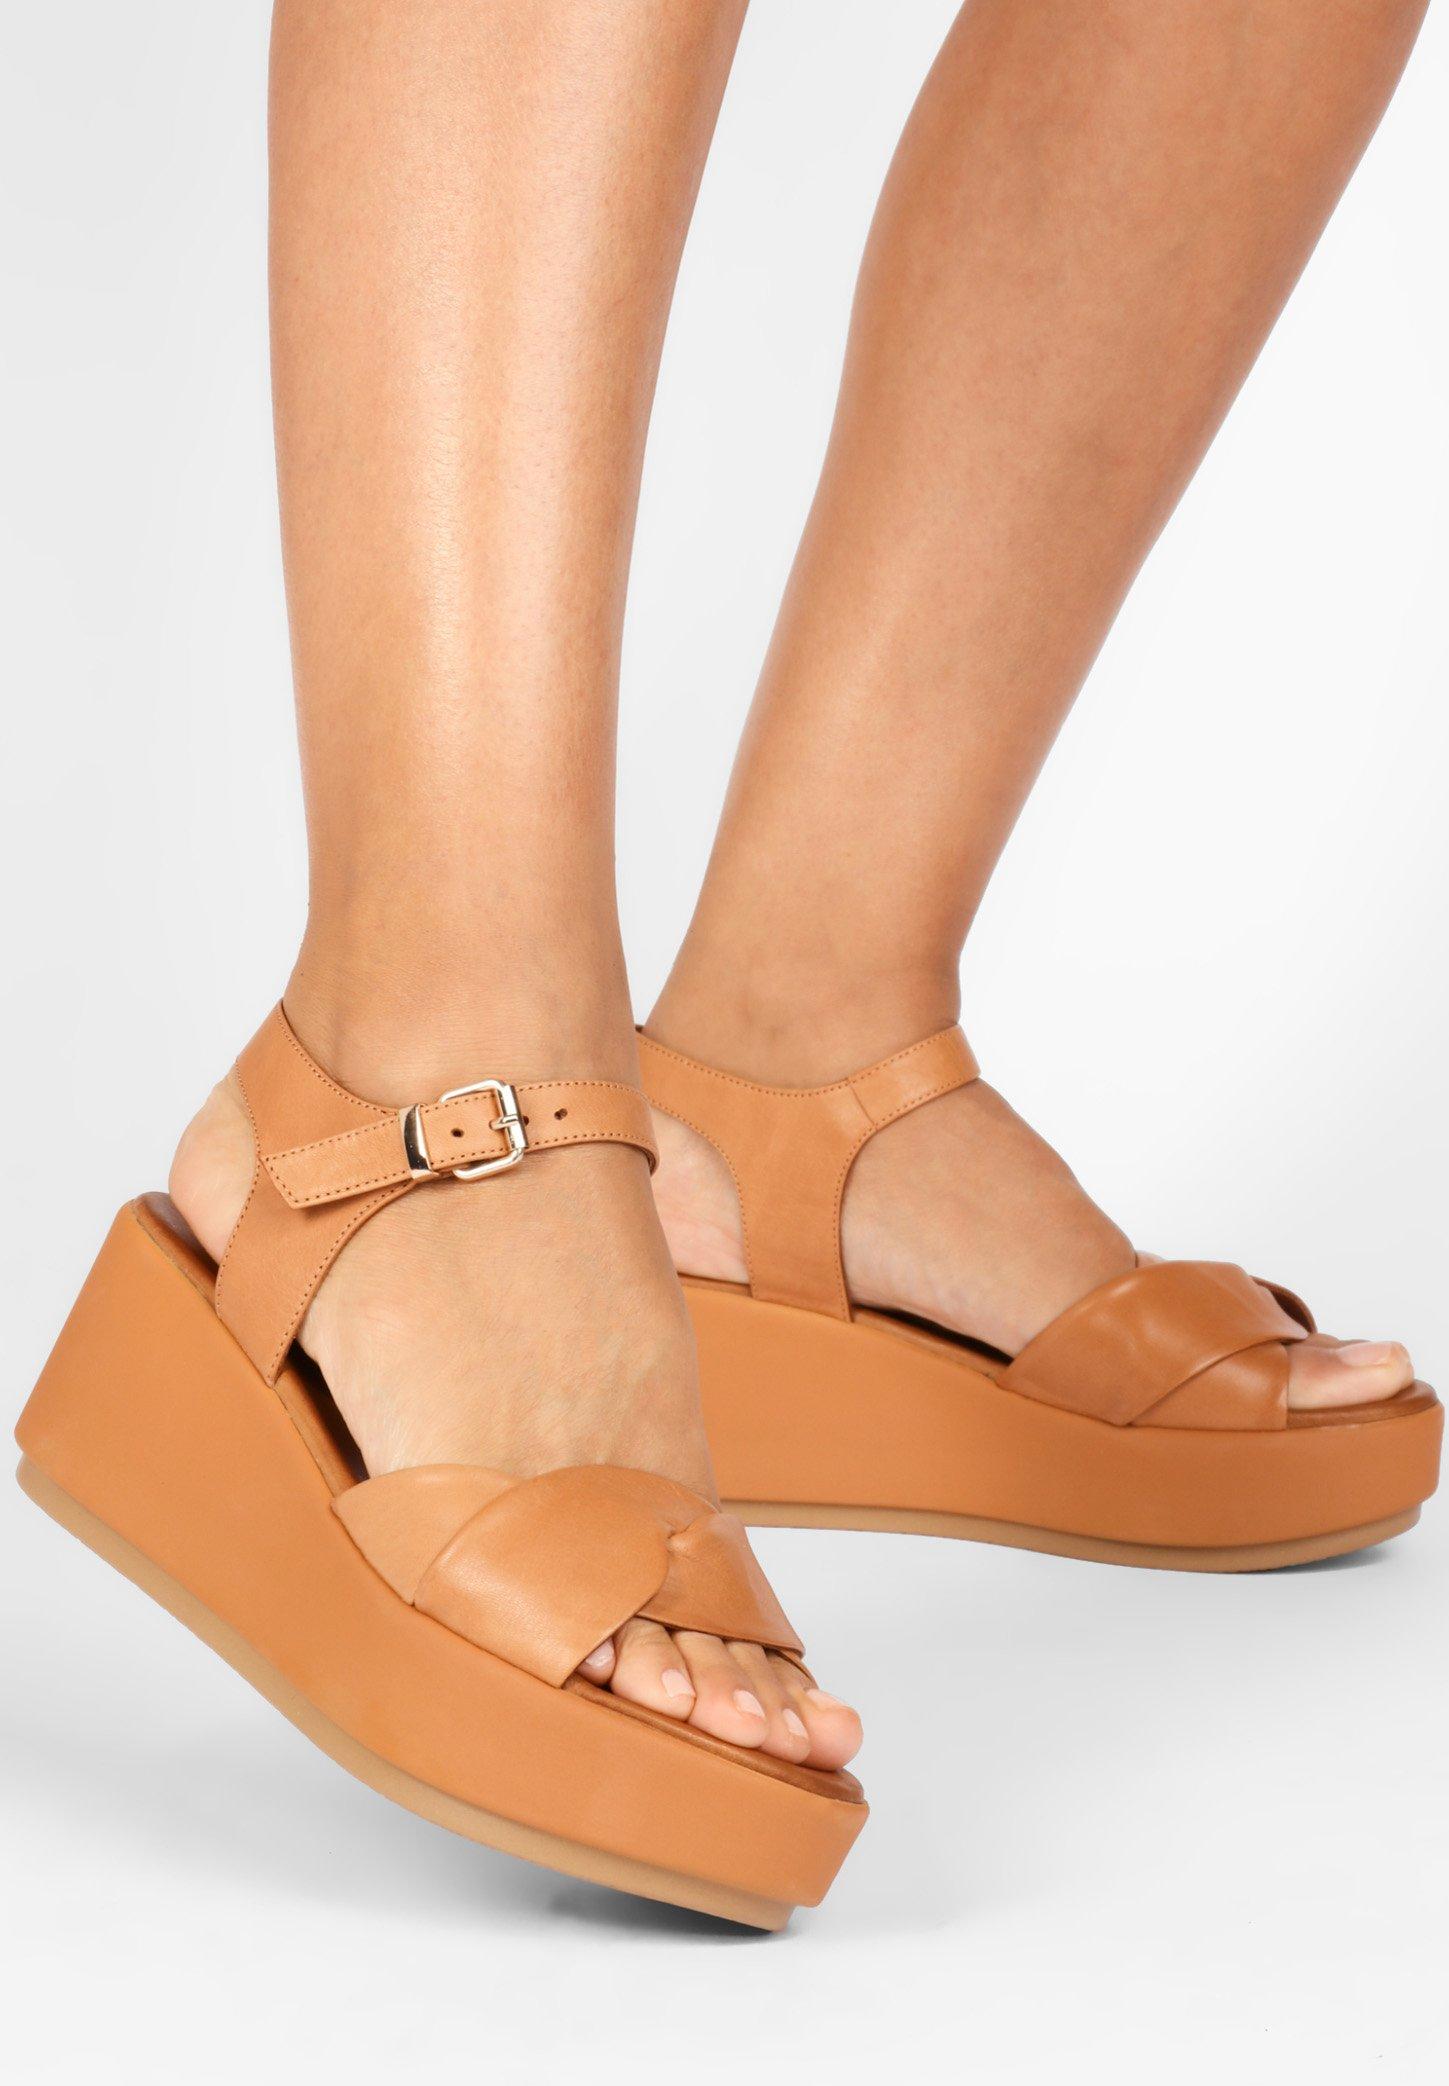 Inuovo Sandales à plateforme - coconut ccn - Sandales & Nu-pieds femme Qualité